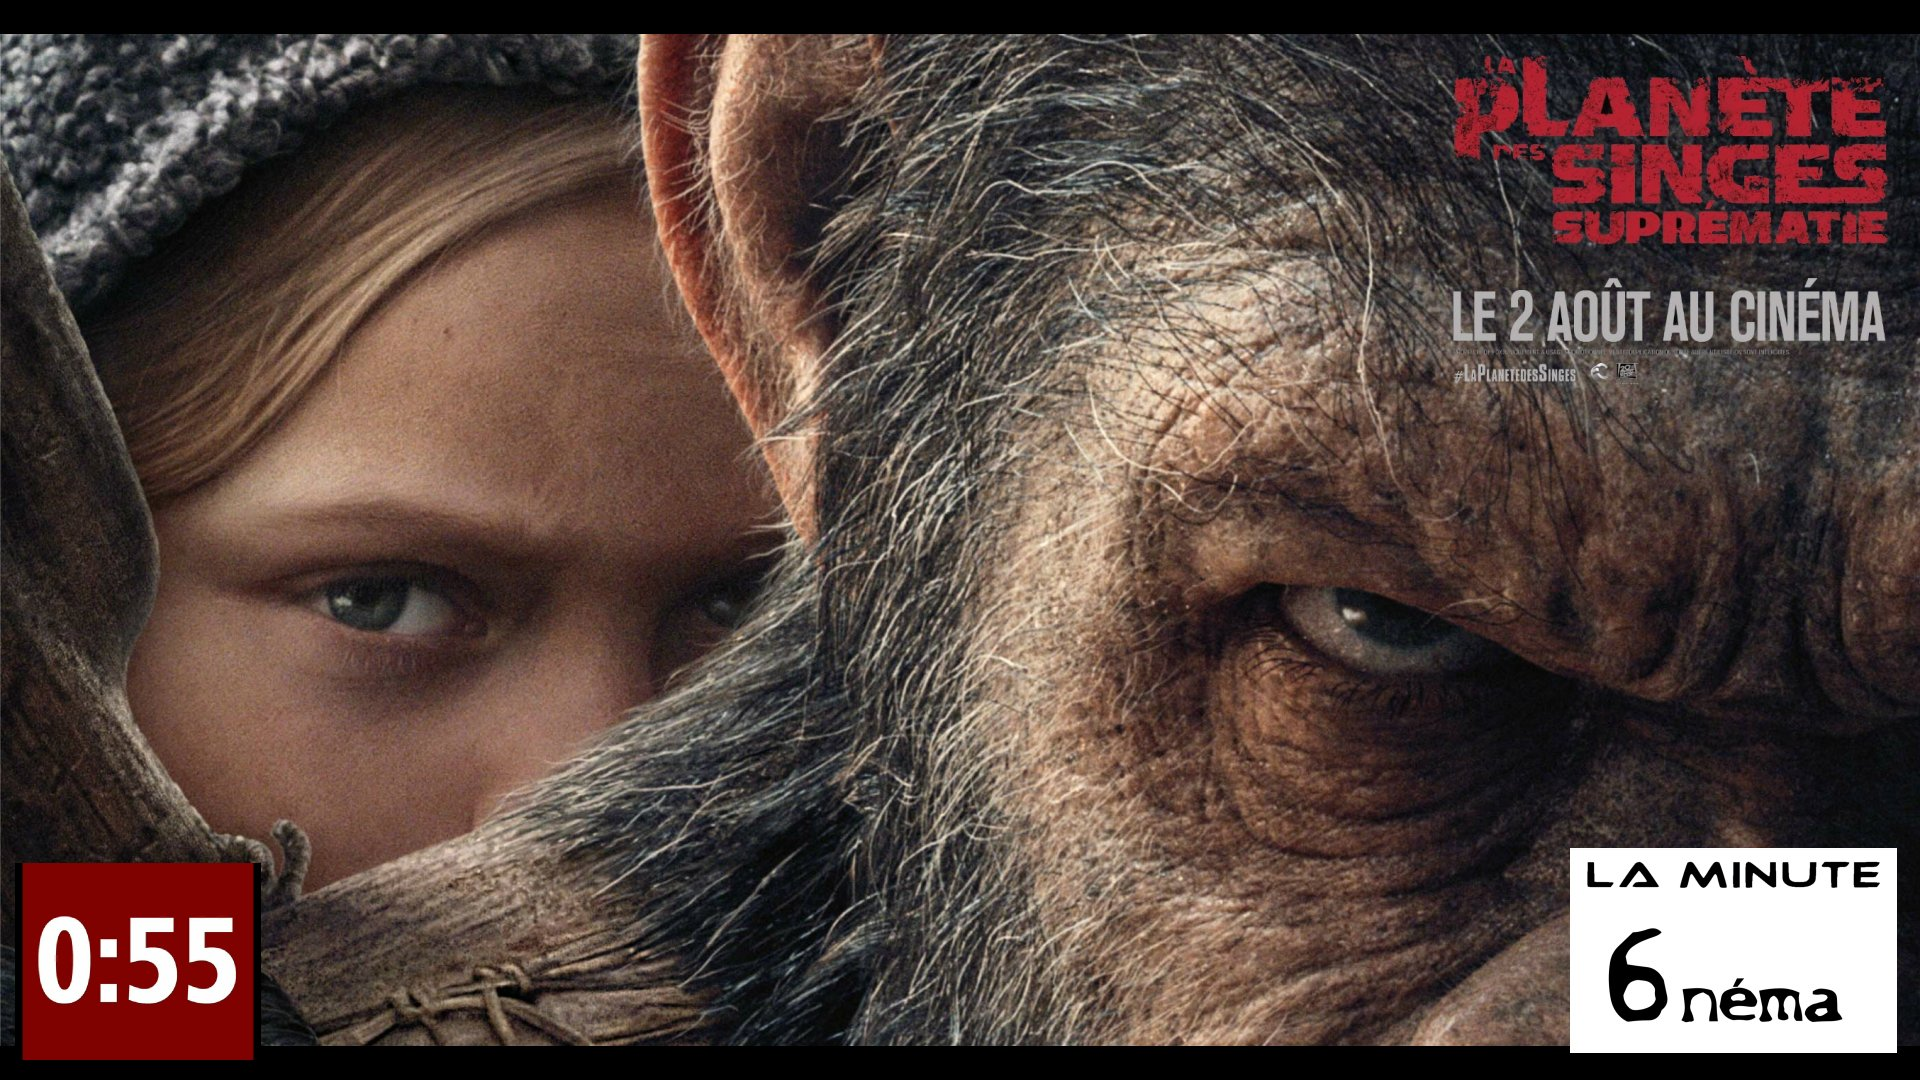 la minute 6nema N°20 - la planète des singes Suprématie sans spoiler